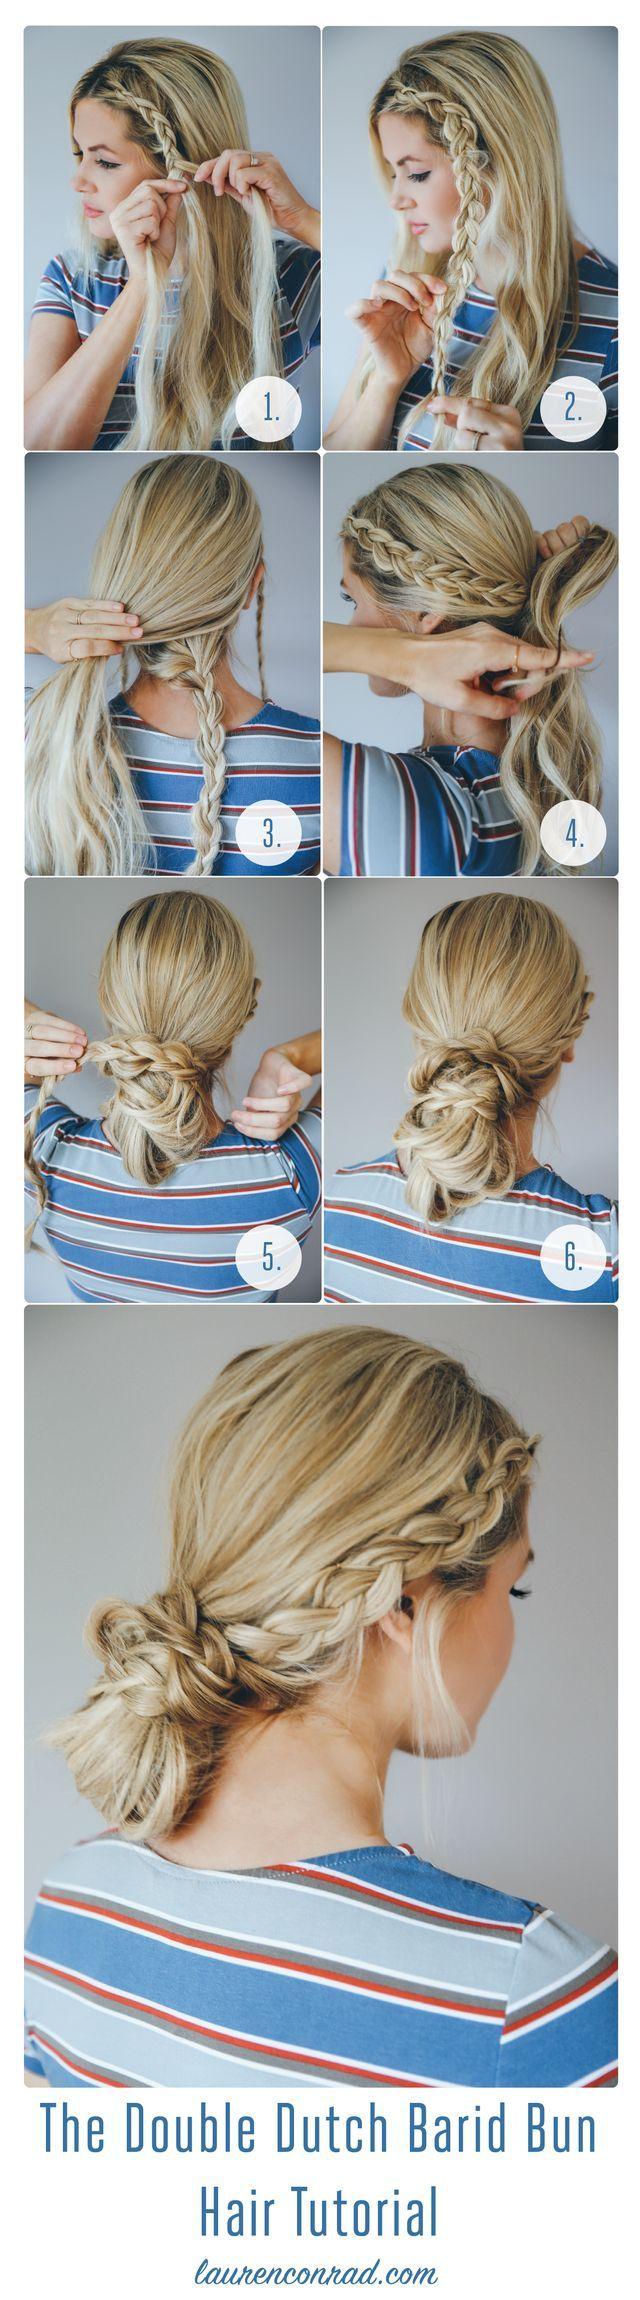 Hair How-To: The Double Dutch Braid Bun